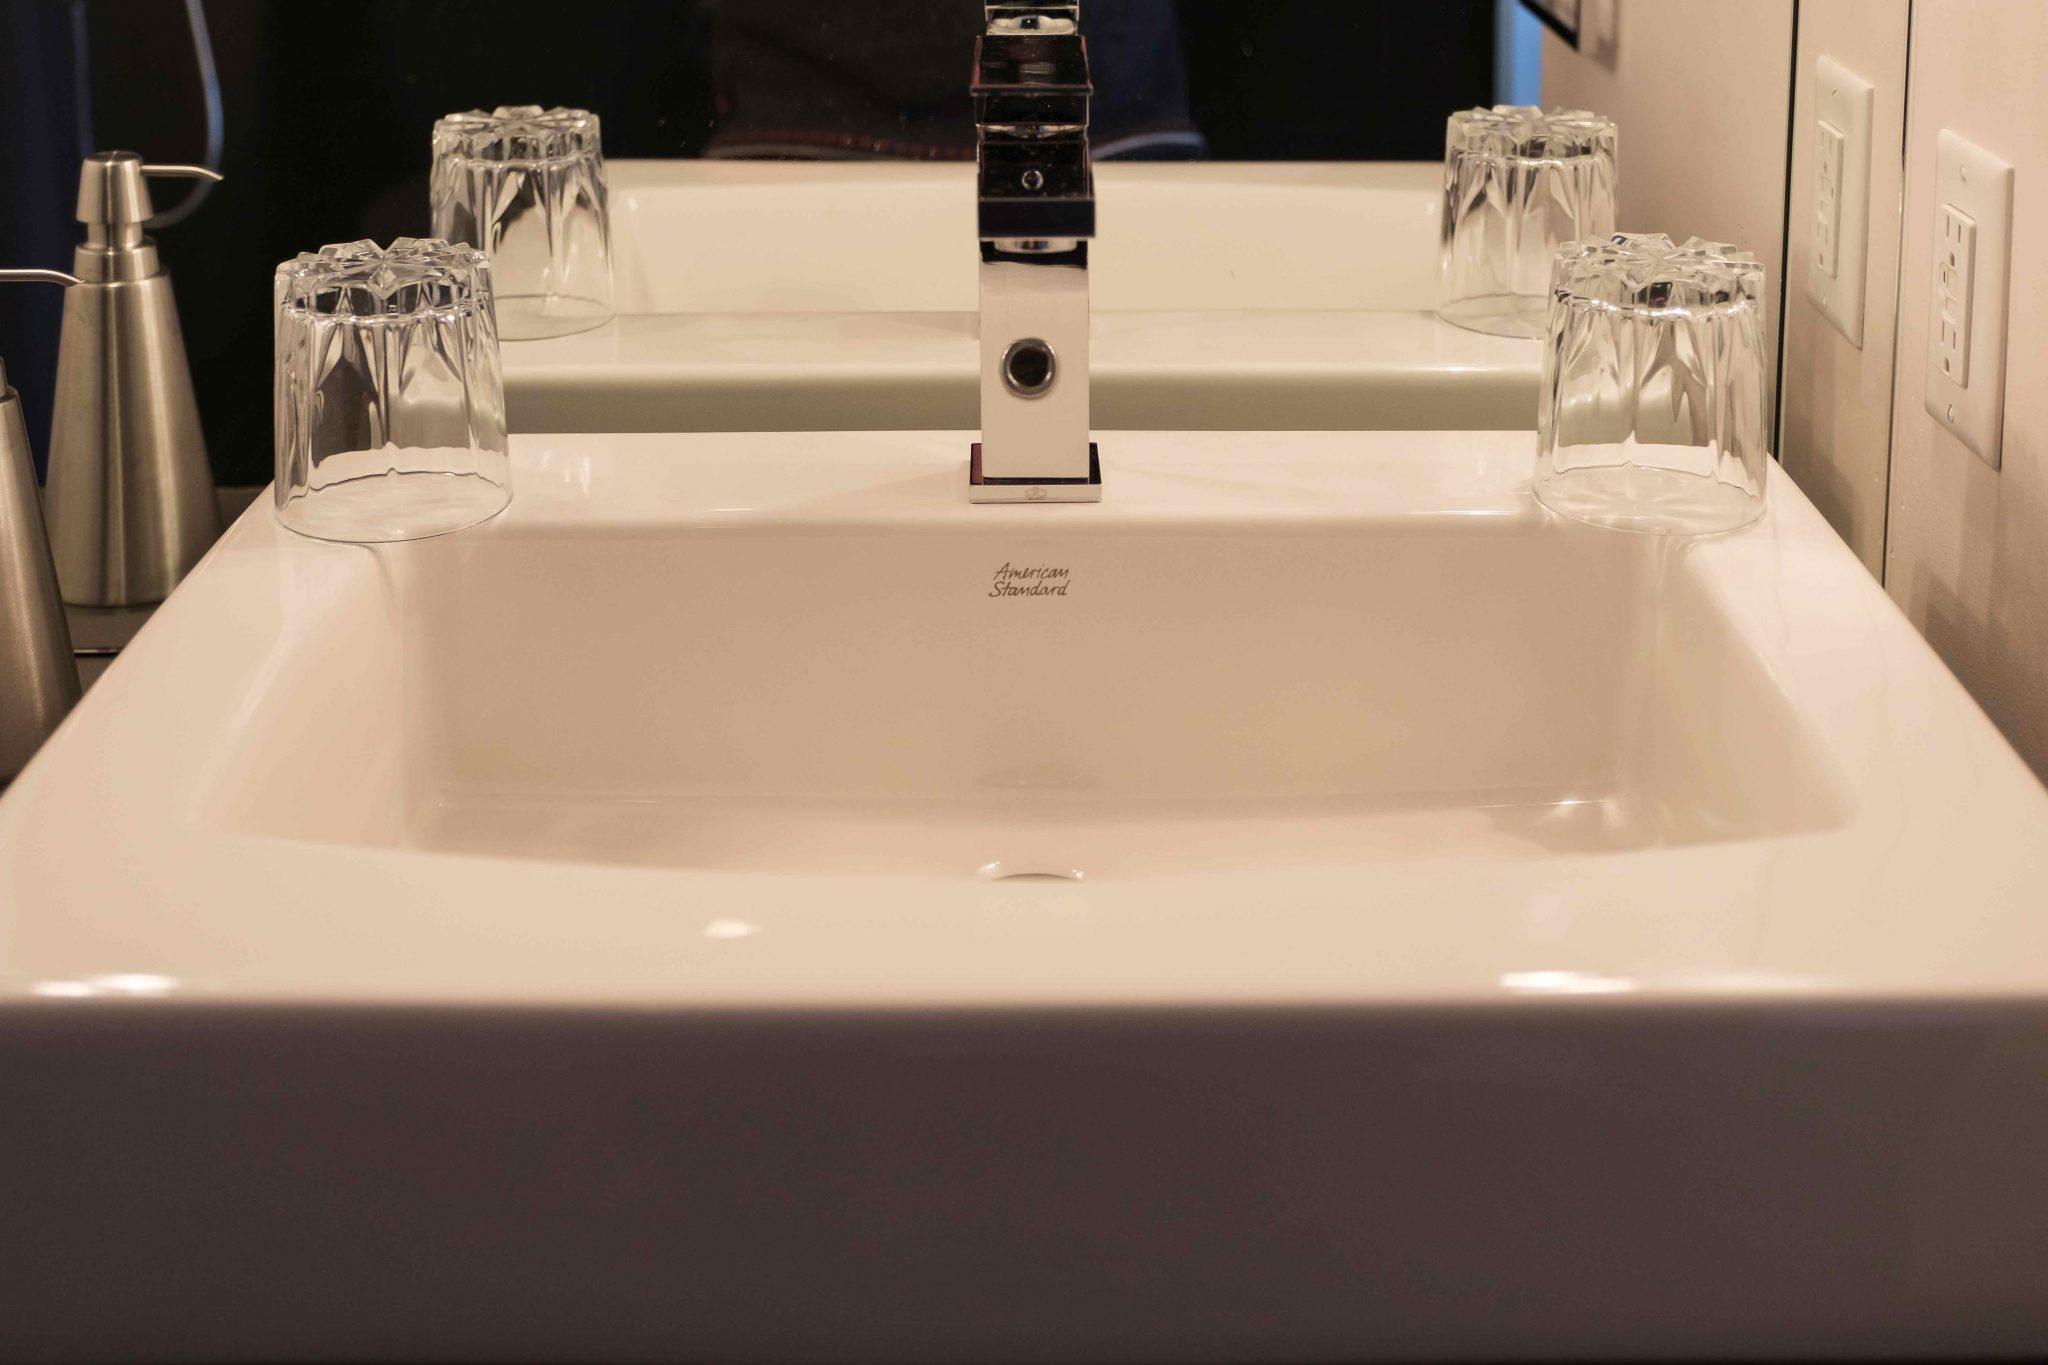 Chambre #1 - Lavabo salle de bain | Hébergement à Sutton, Estrie | Auberge Sutton Brouërie